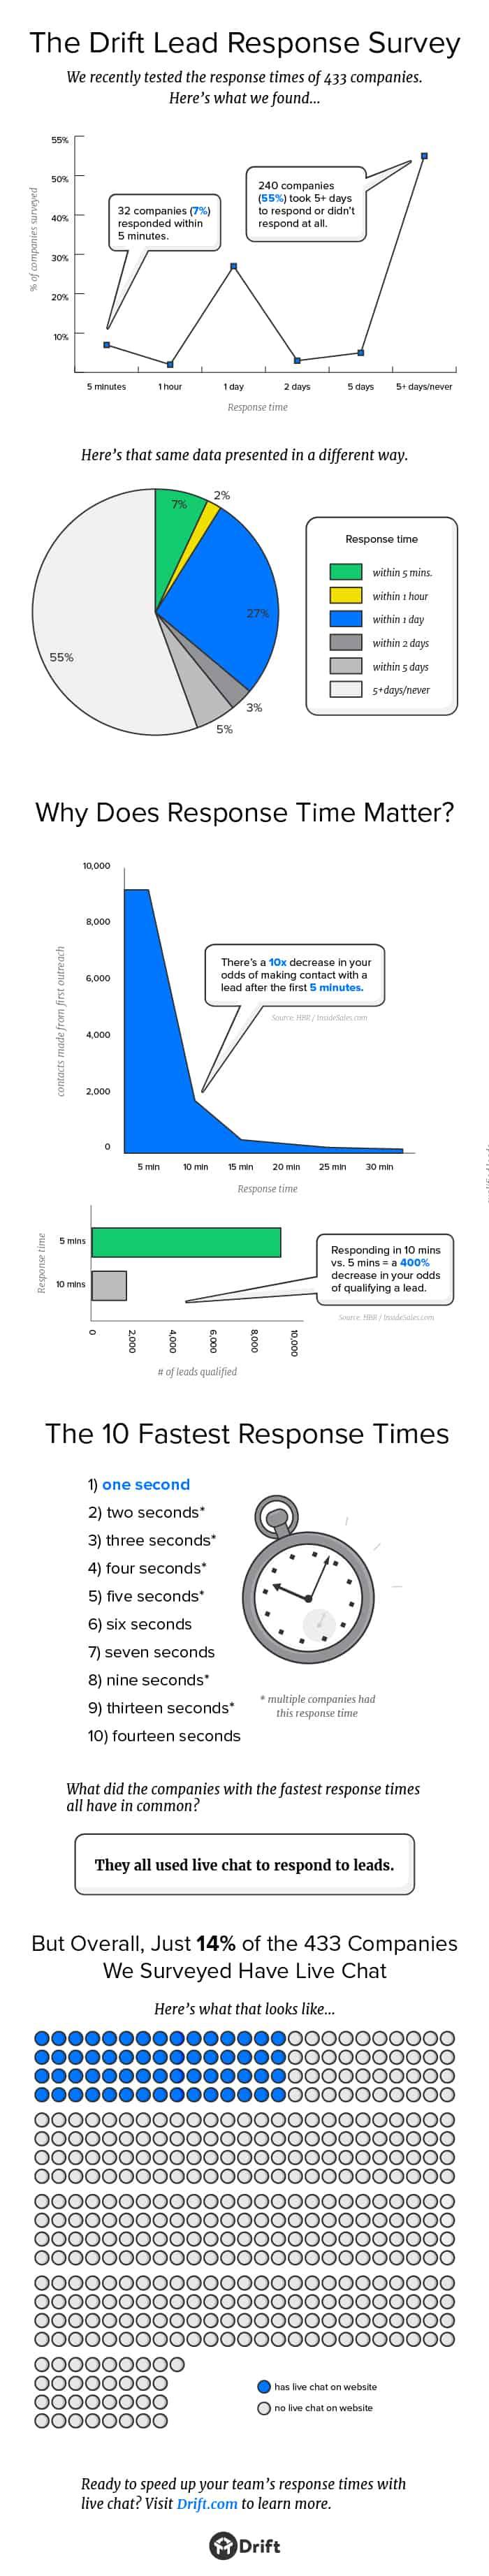 Lead Management & Response Survey